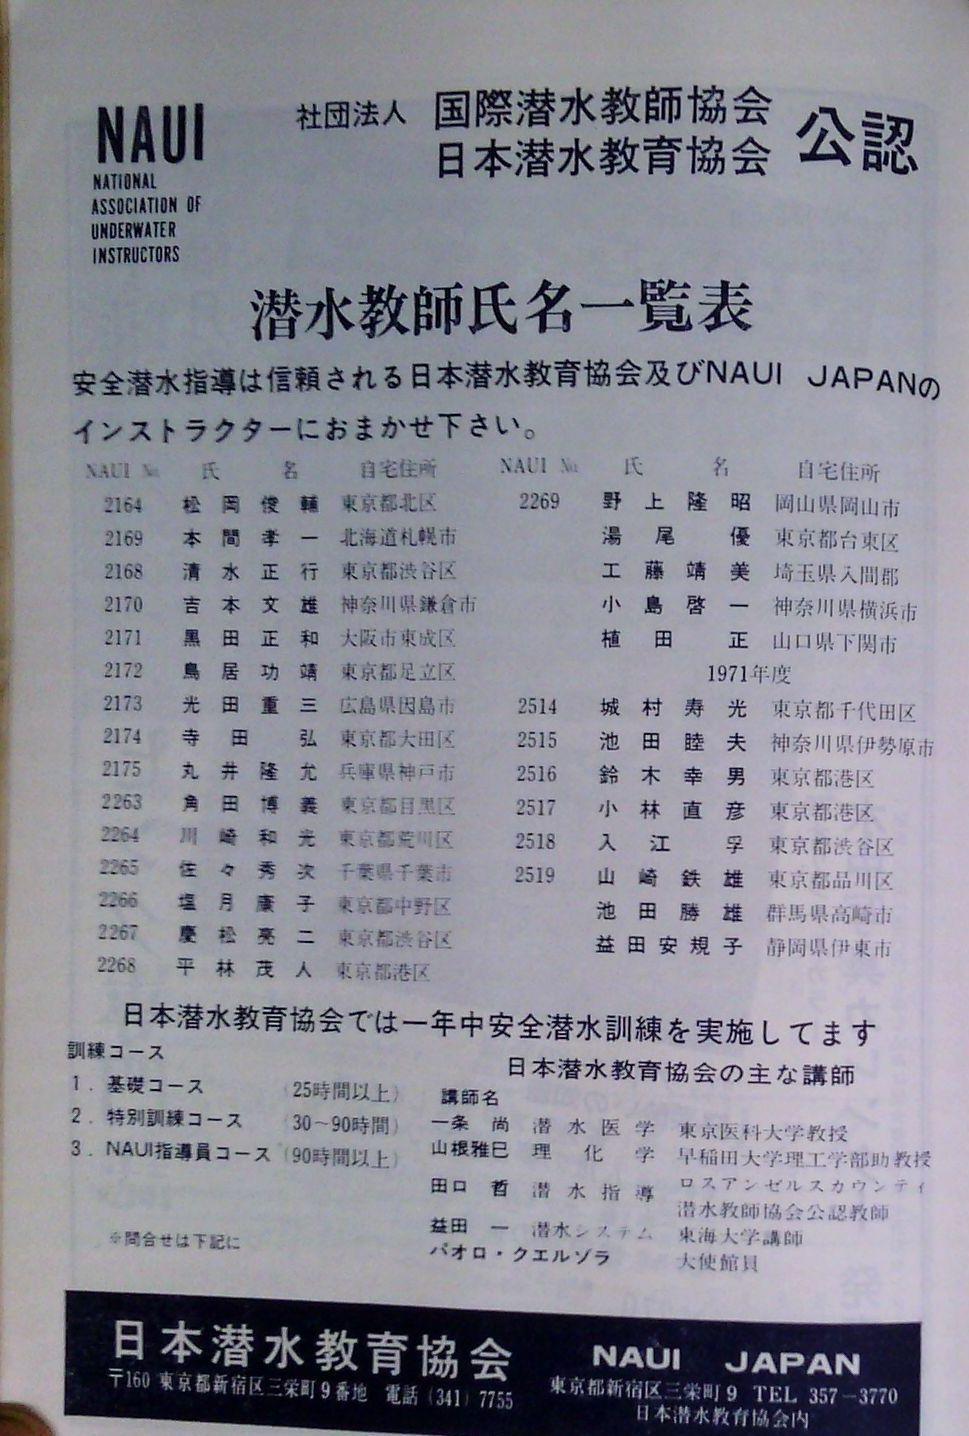 0326 ダイビングの歴史58 海の世界 1972-01_b0075059_13511300.jpg